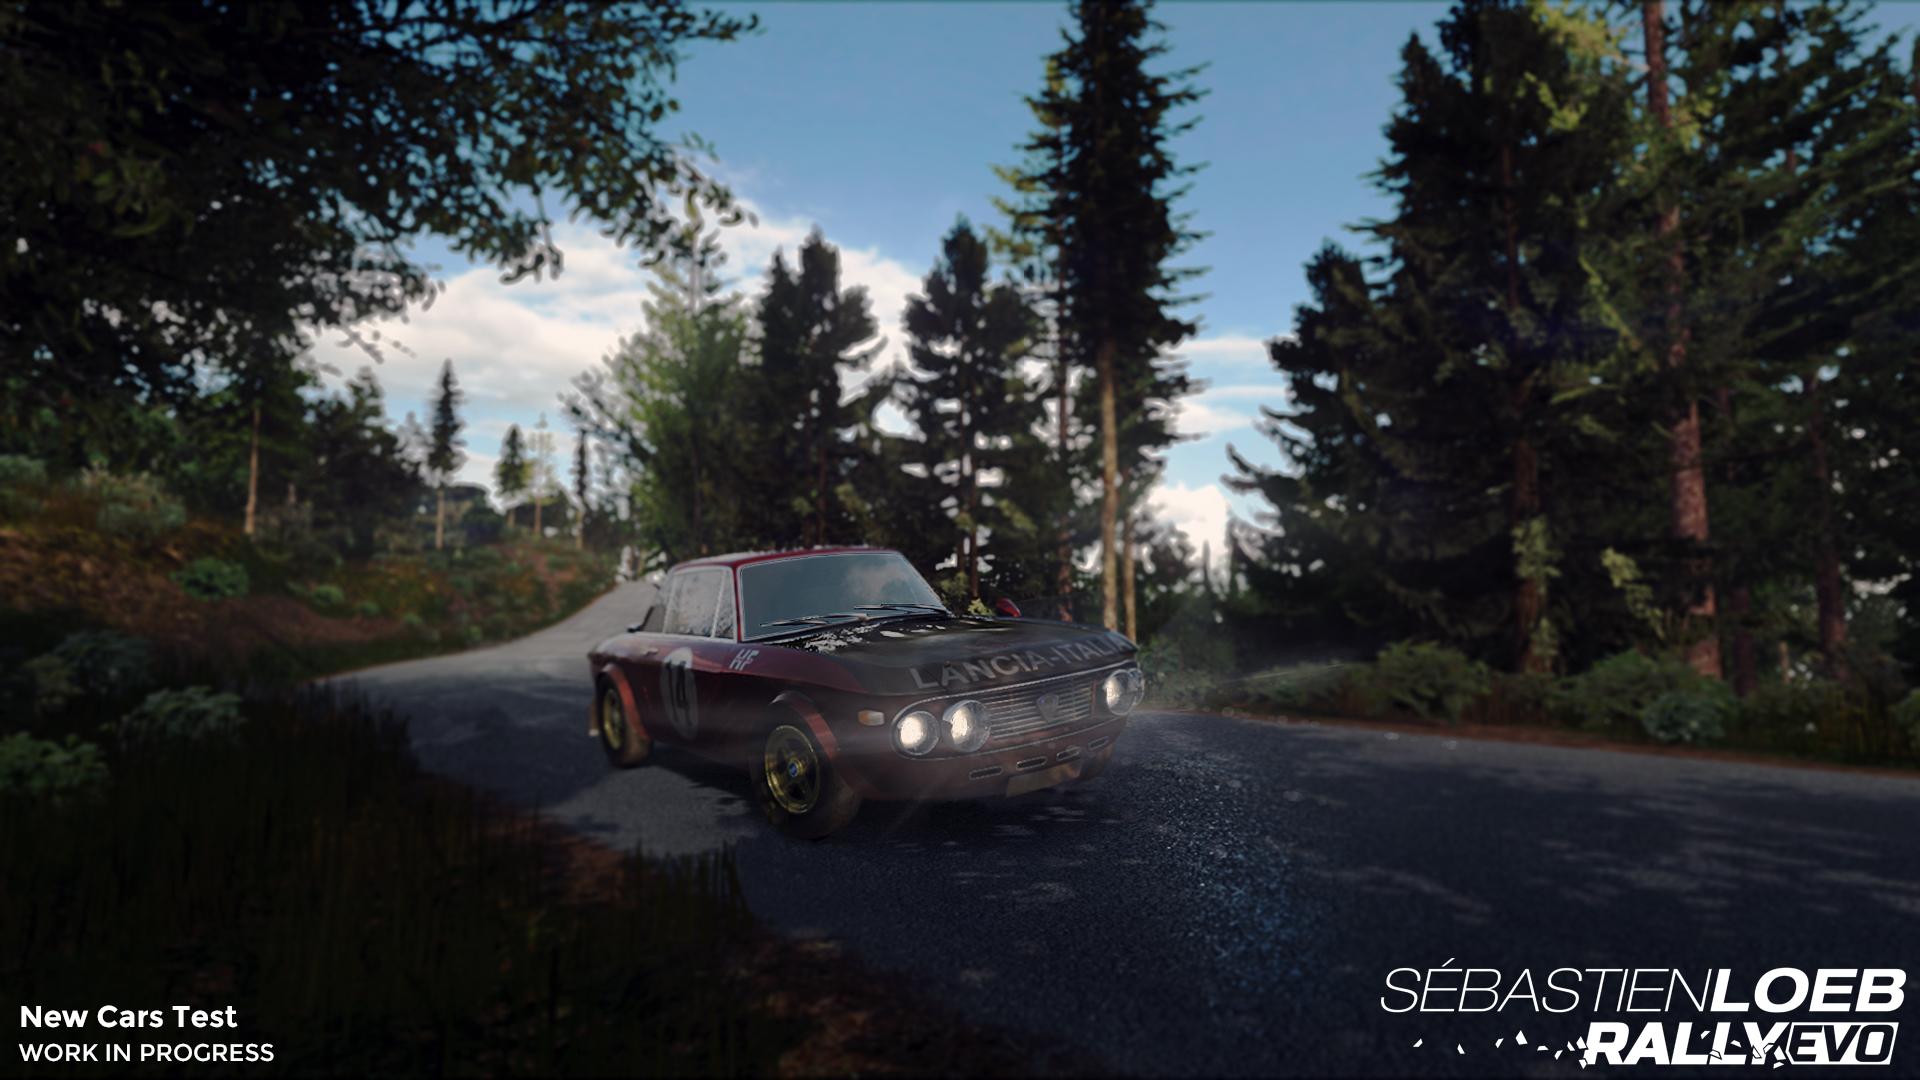 Sébastien Loeb Rally EVO image 1